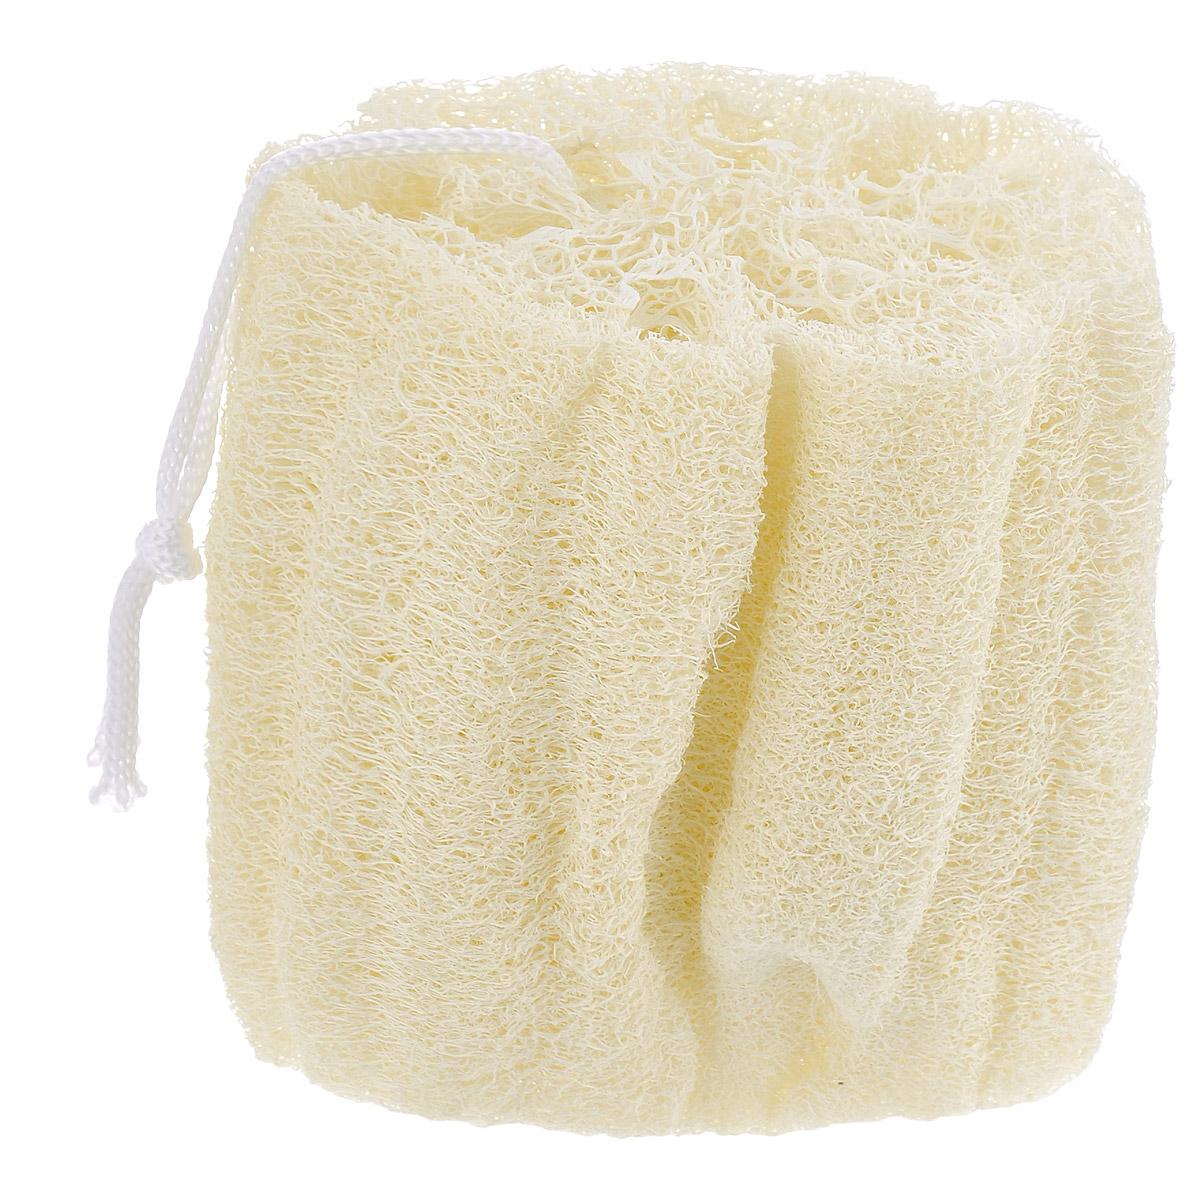 Мочалка из люфы Eva. М22PMF3000Натуральная мочалка с петлей Eva станет незаменимым аксессуаром ванной комнаты. Отлично пенится и быстро сохнет.Мочалка изготовлена из плодов люфы, благодаря чему она сохраняет все ценные свойства этого растения. Мочалка обладает массажным эффектом, она эффективно тонизирует и очищает кожу. Идеальна для профилактики и борьбы с целлюлитом. Подходит для всех типов кожи. Не вызывает аллергии.